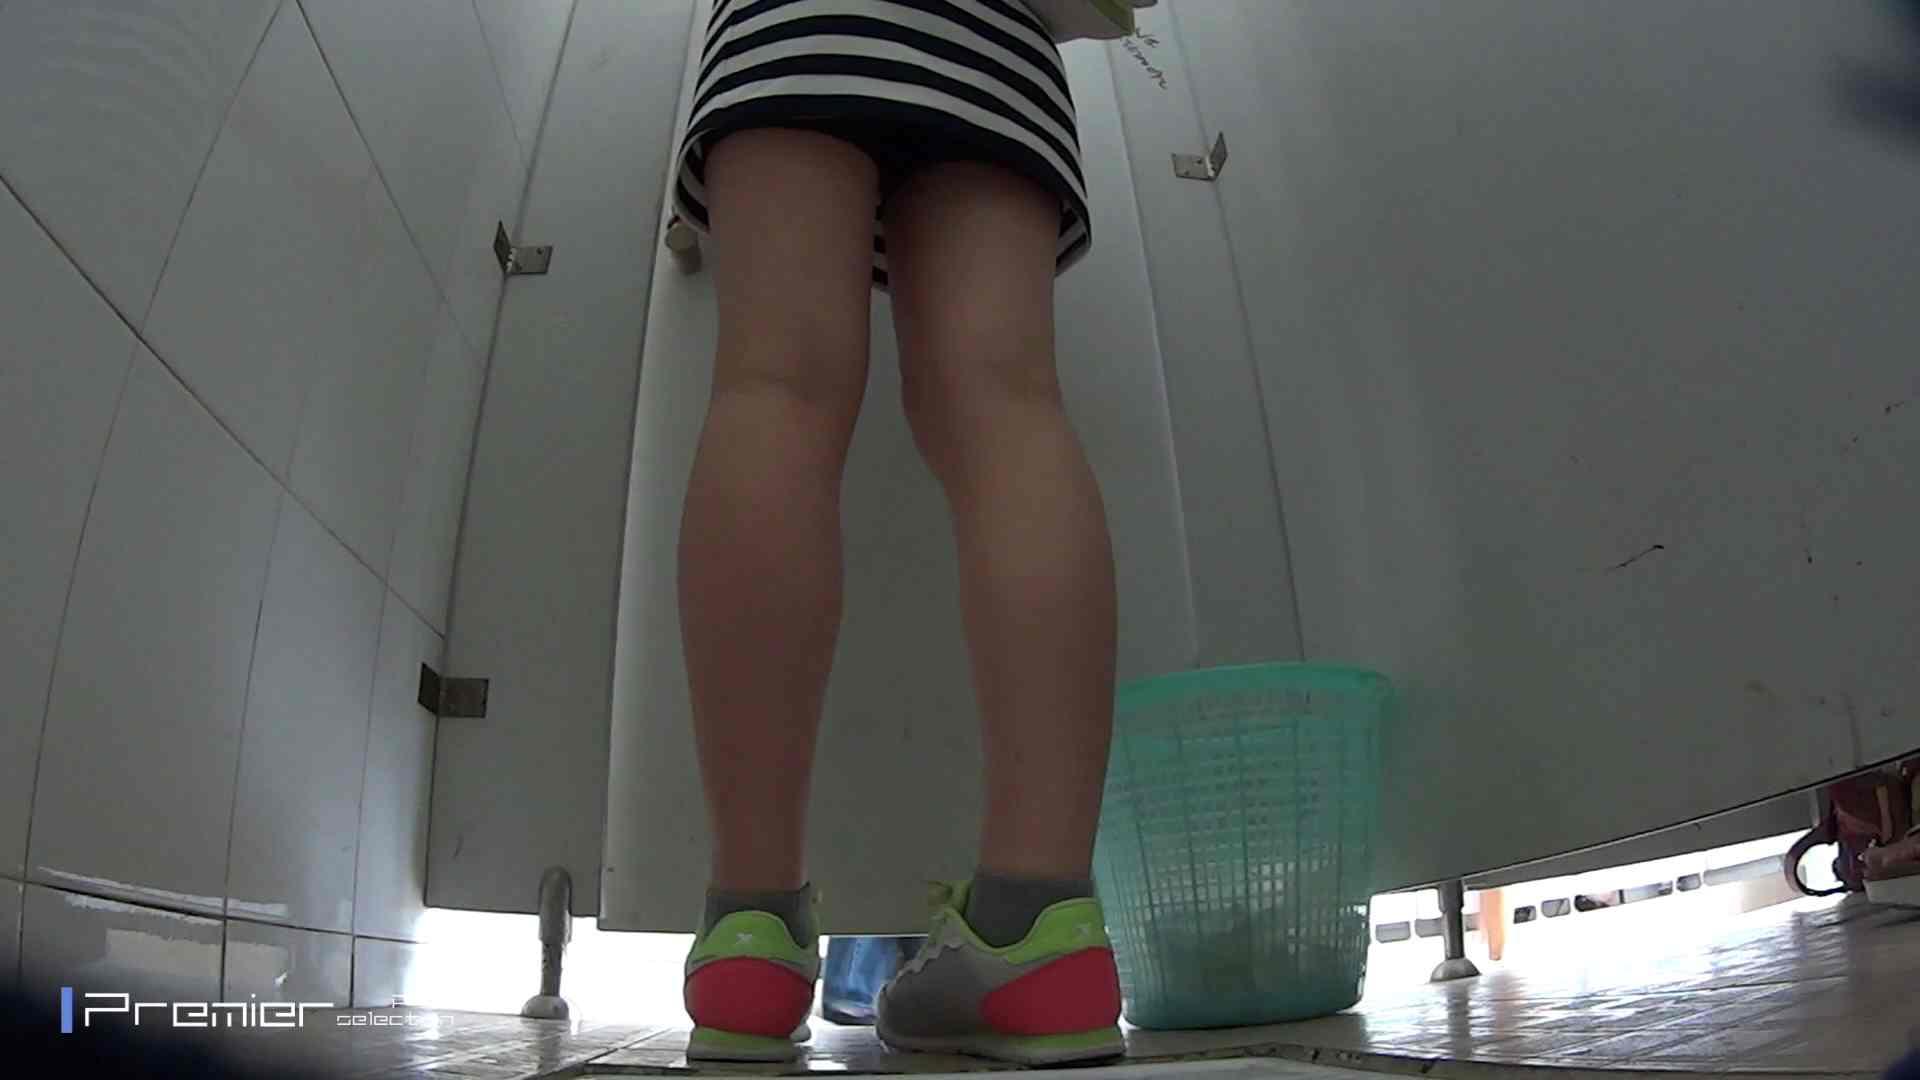 美しい女良たちのトイレ事情 有名大学休憩時間の洗面所事情06 盗撮エロすぎ | トイレ中  55連発 30